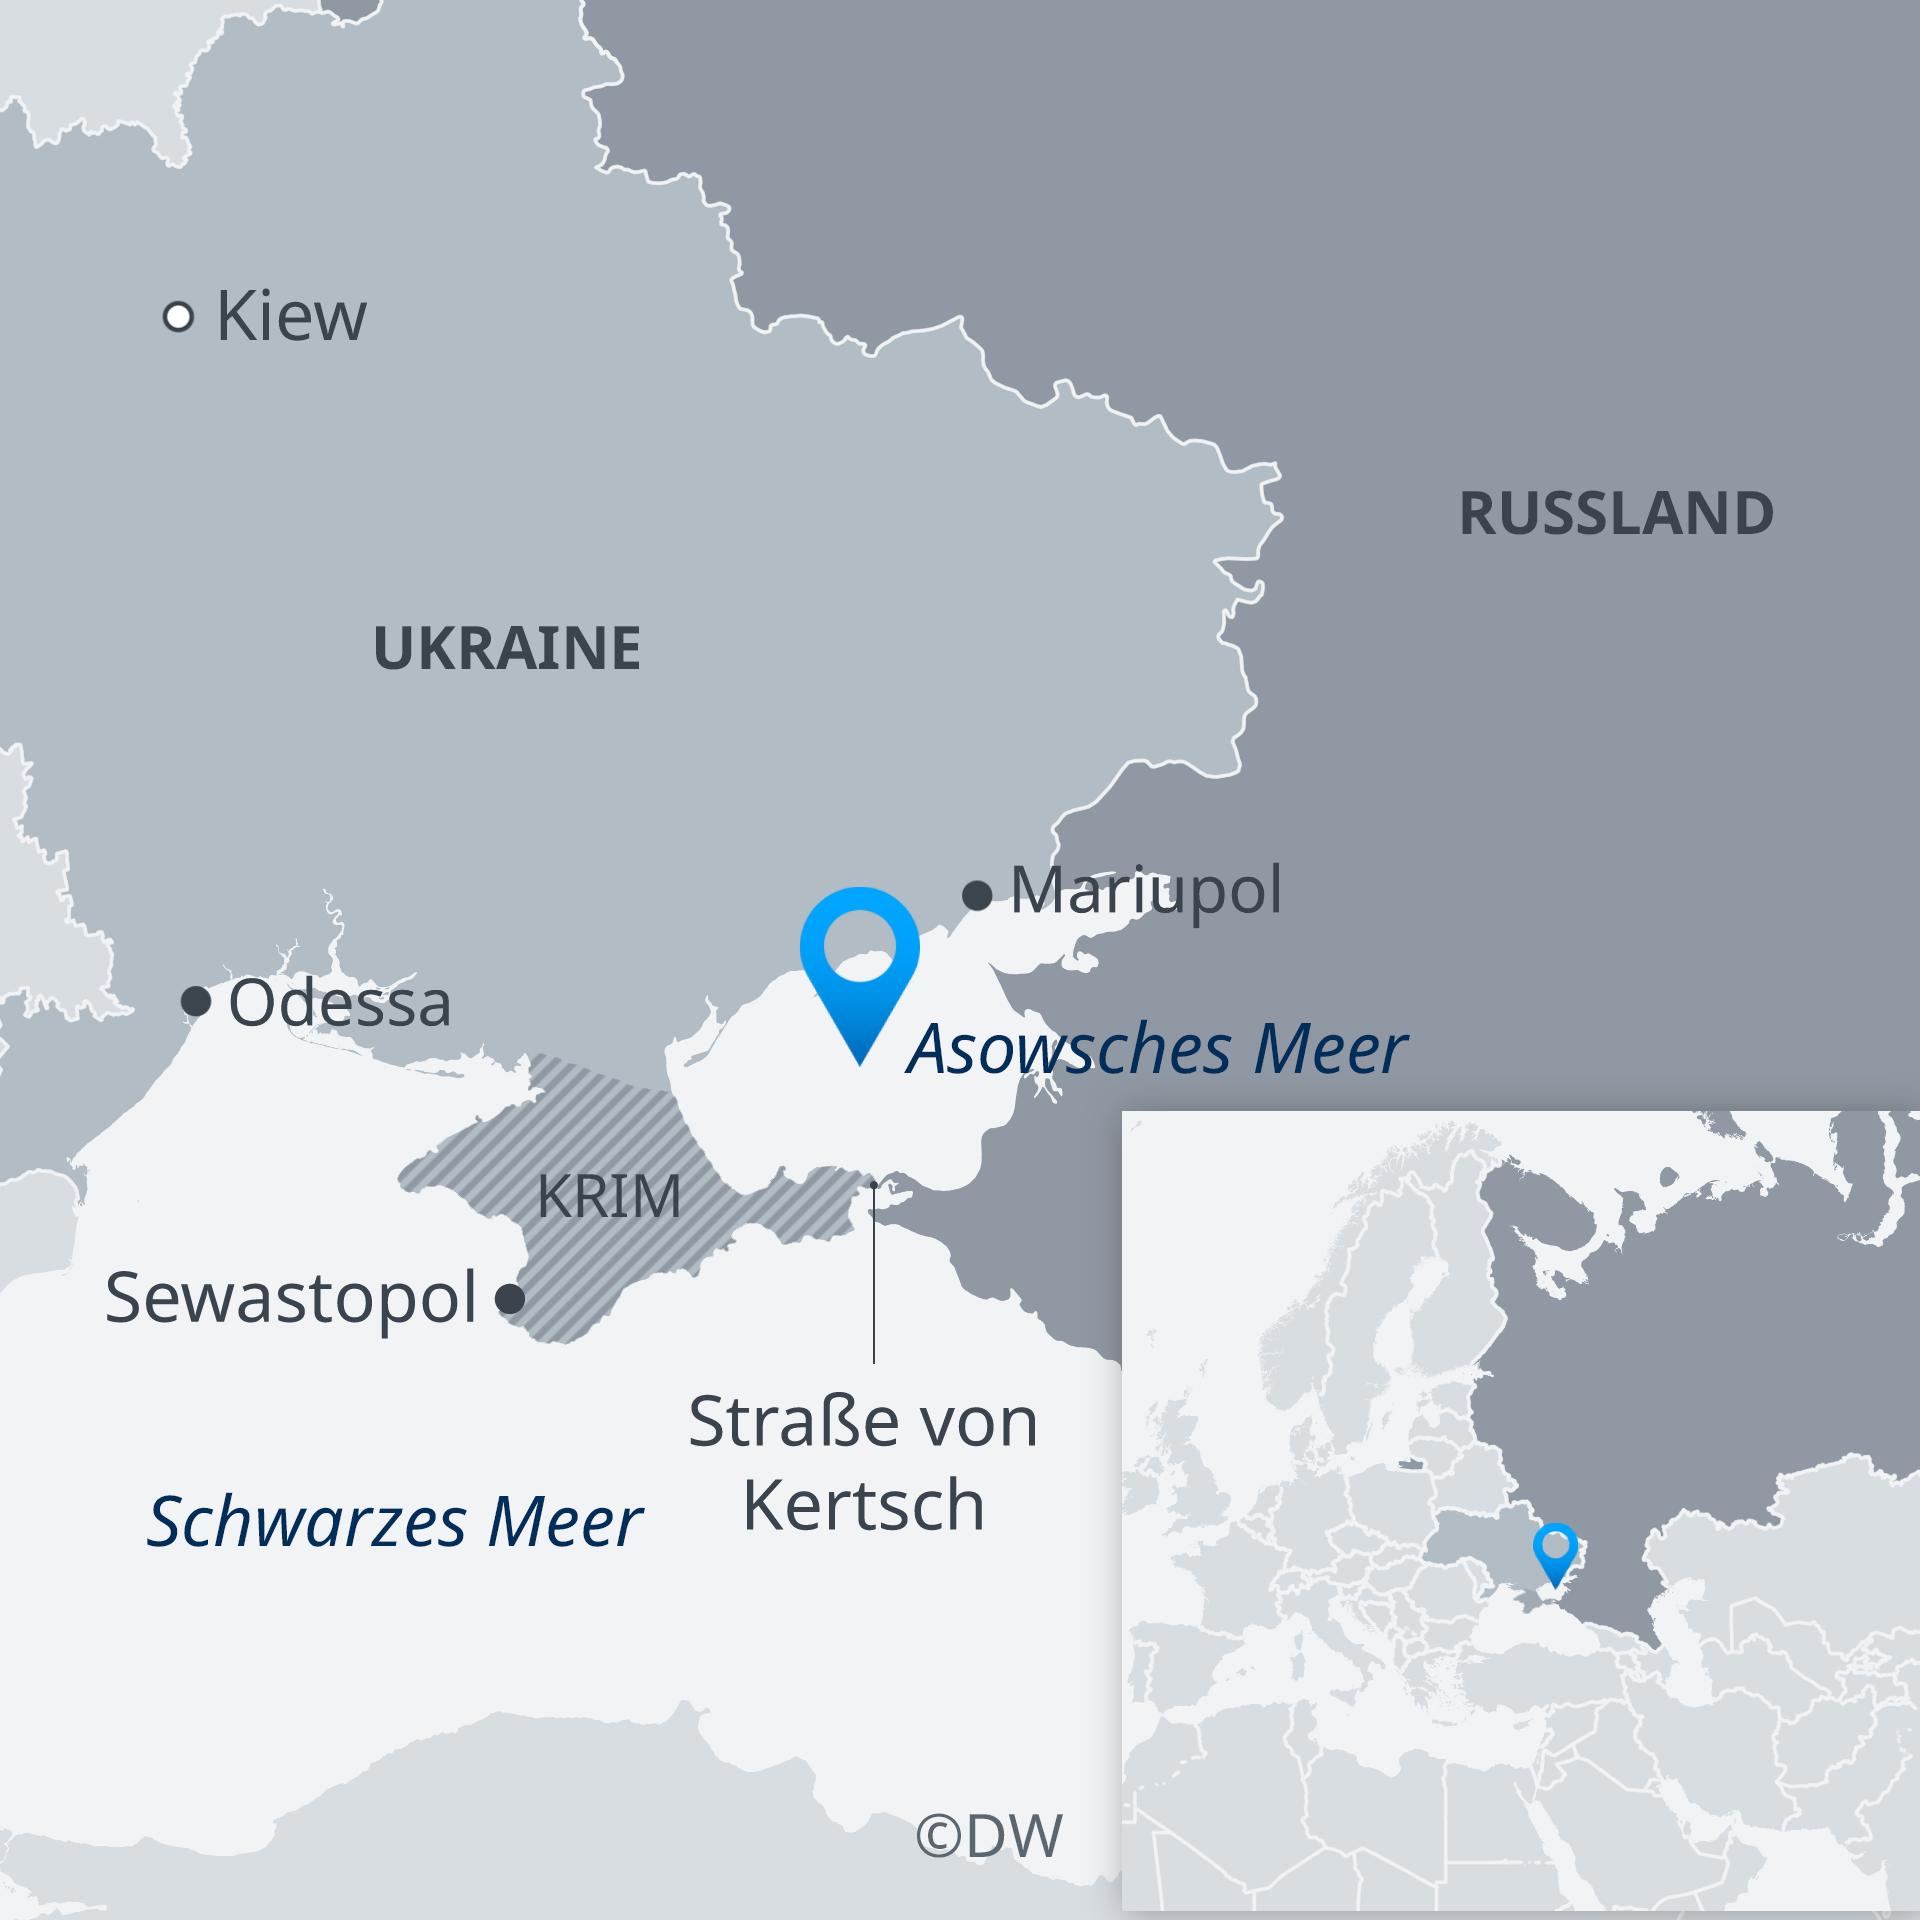 Karte Asowsches Meer Ukraine Russland DE